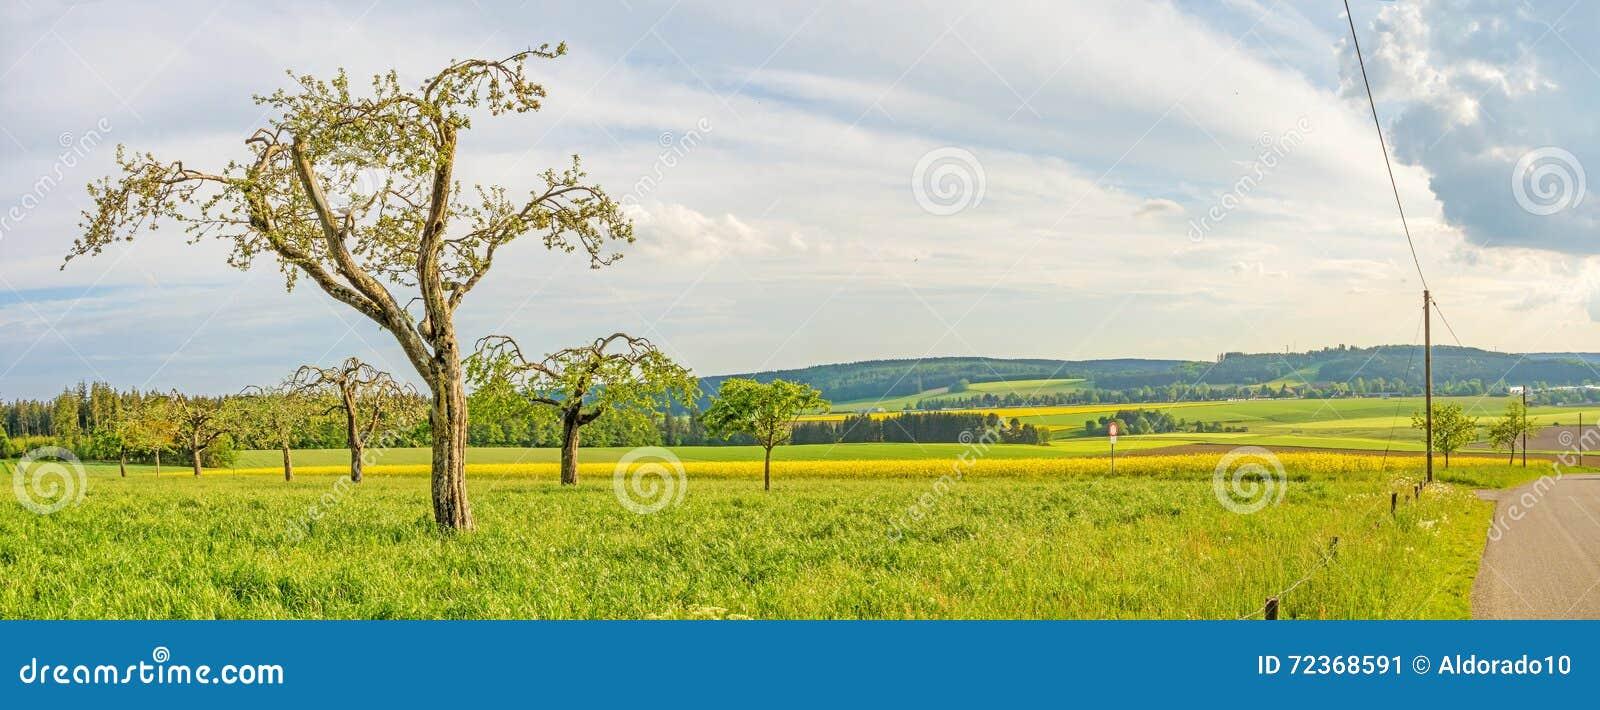 Grüne Wiese mit Obstbaumpanorama - ländliche Landschaft